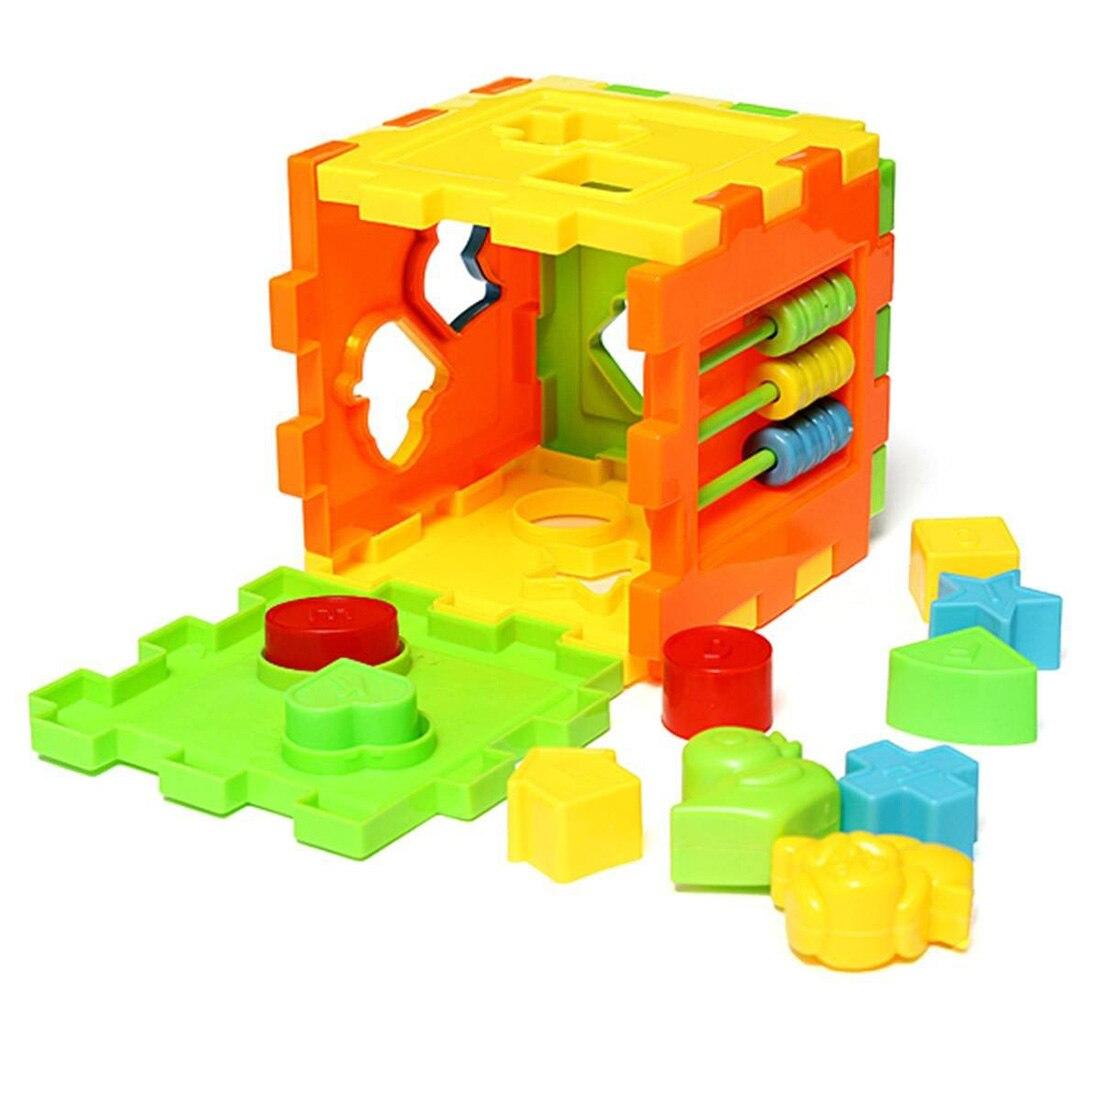 Bébé Enfants Coloré Bloc Cube Jouets Éducatifs Blocs de ...